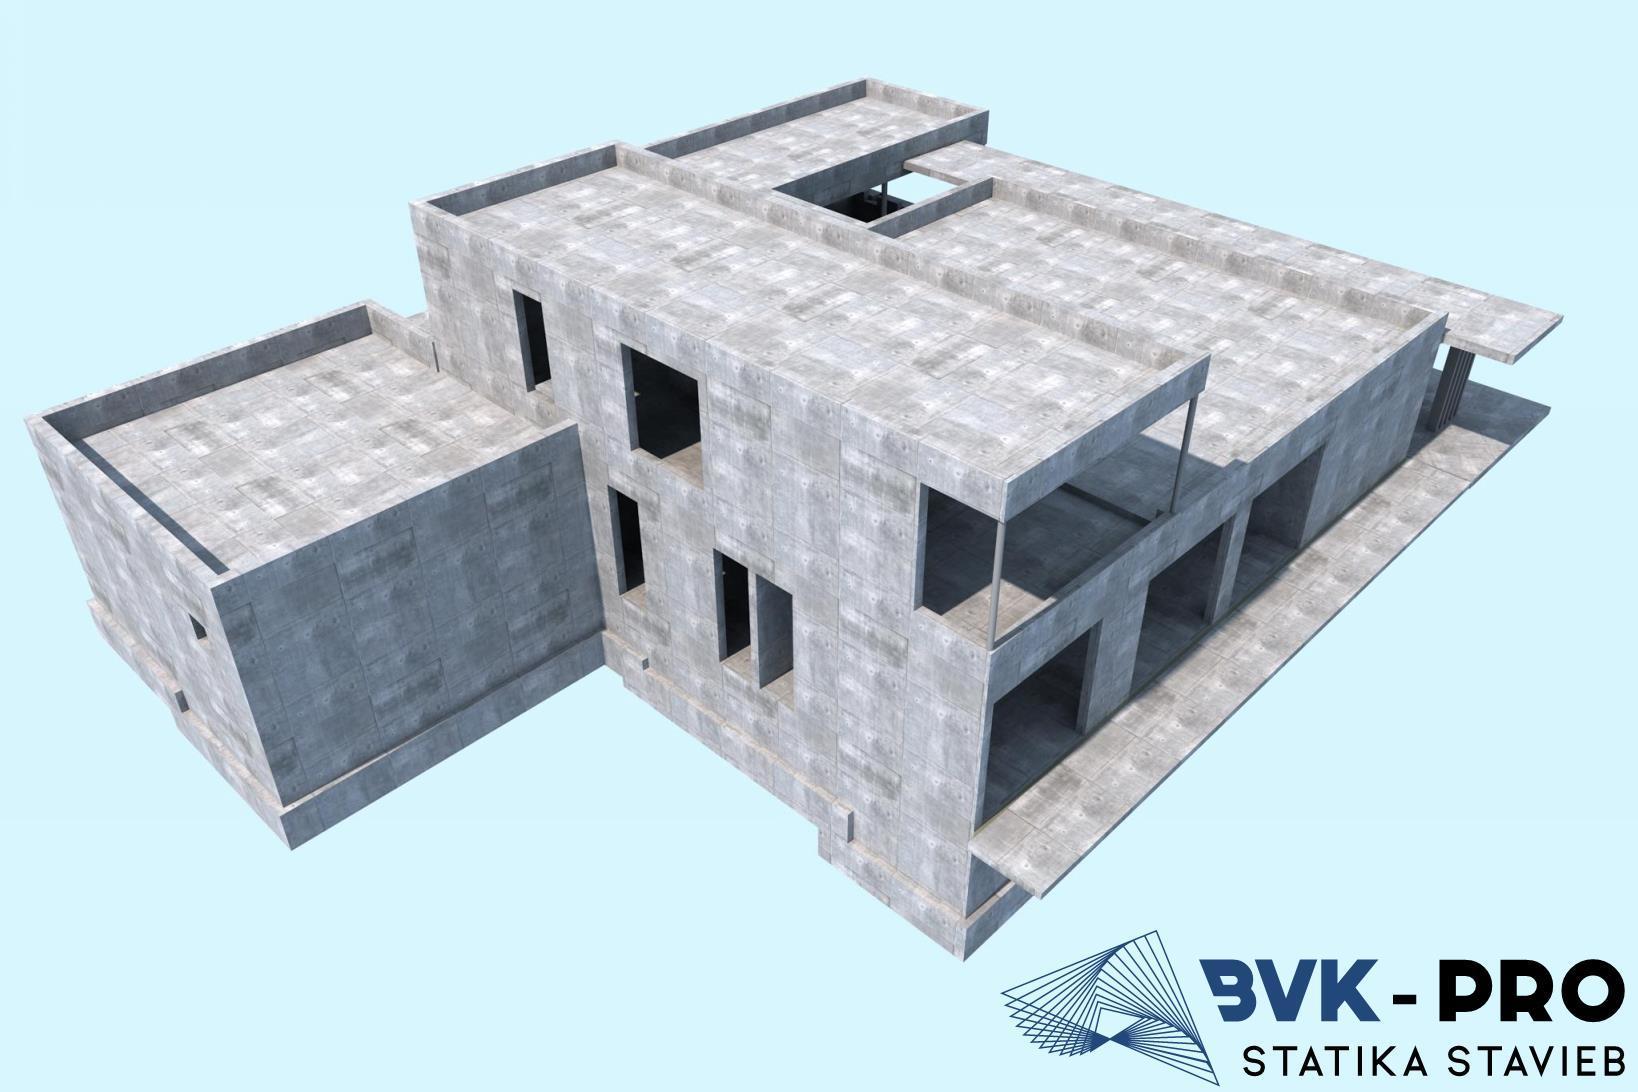 Atriumhaus Bvk Pro S R O  Page 002